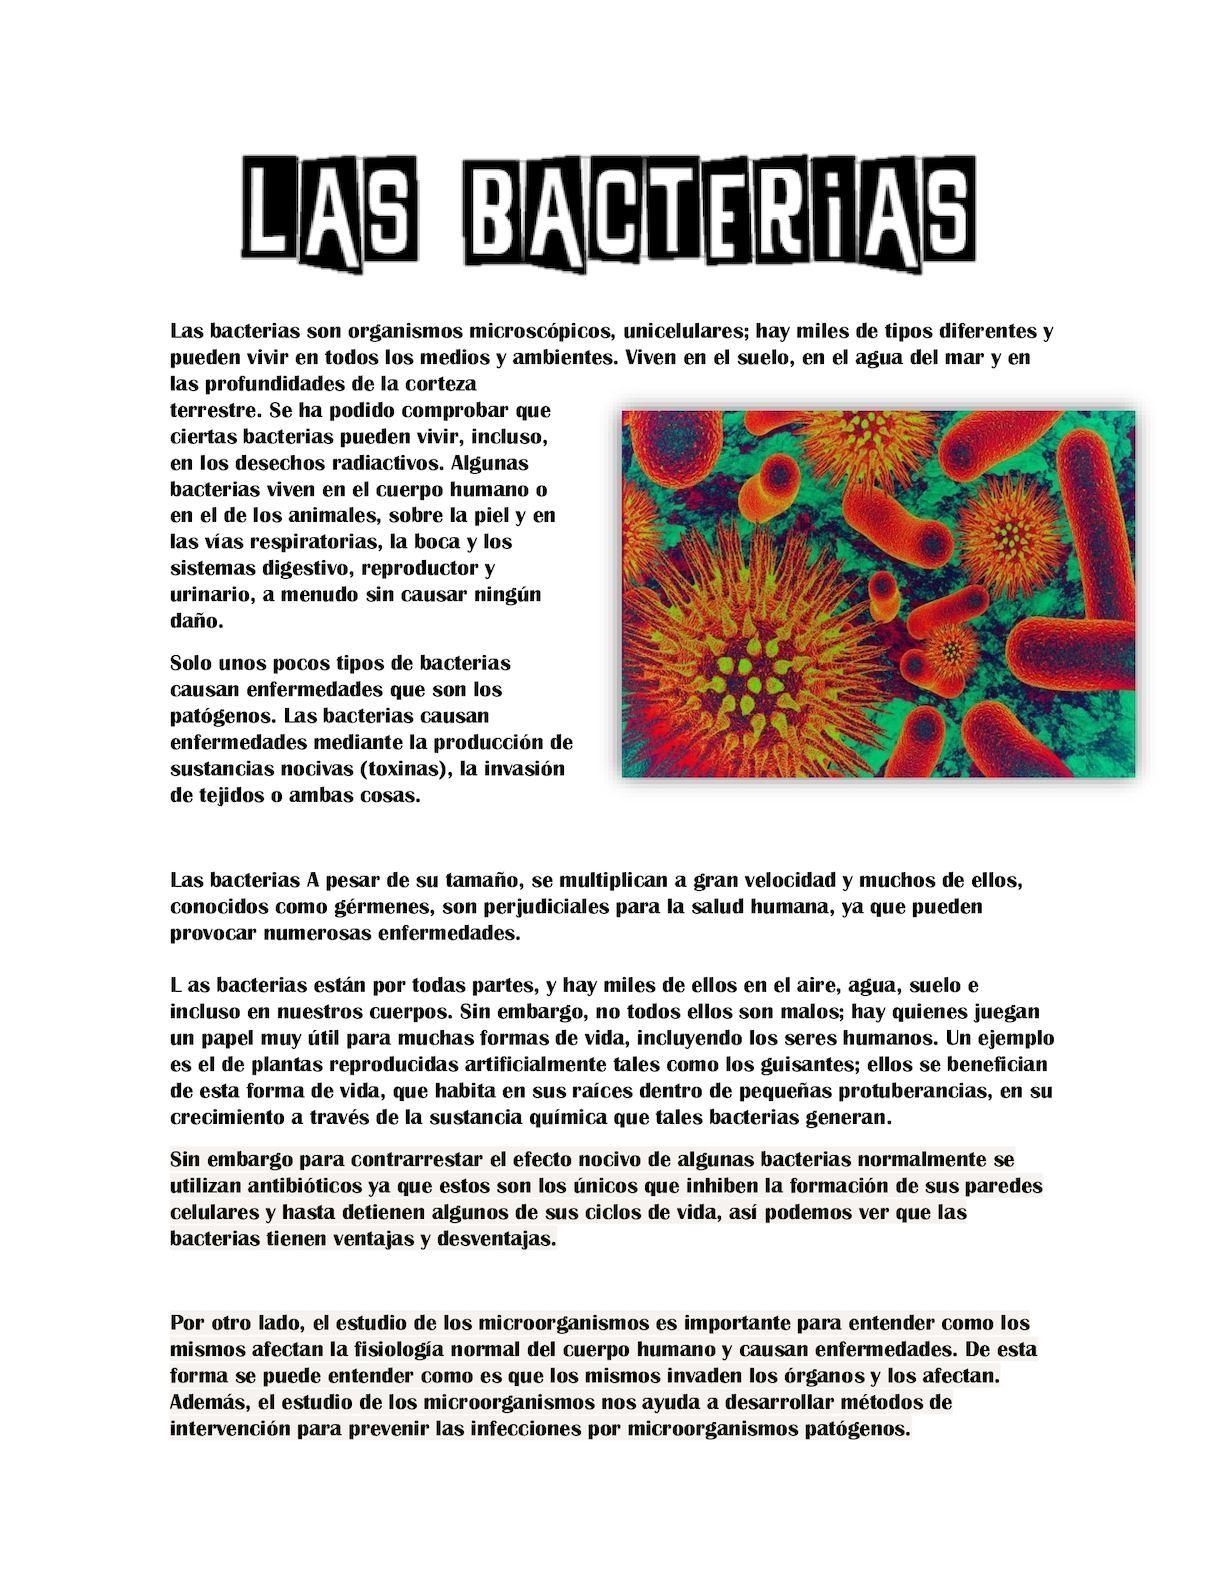 bacterias que causan enfermedad al ser humano